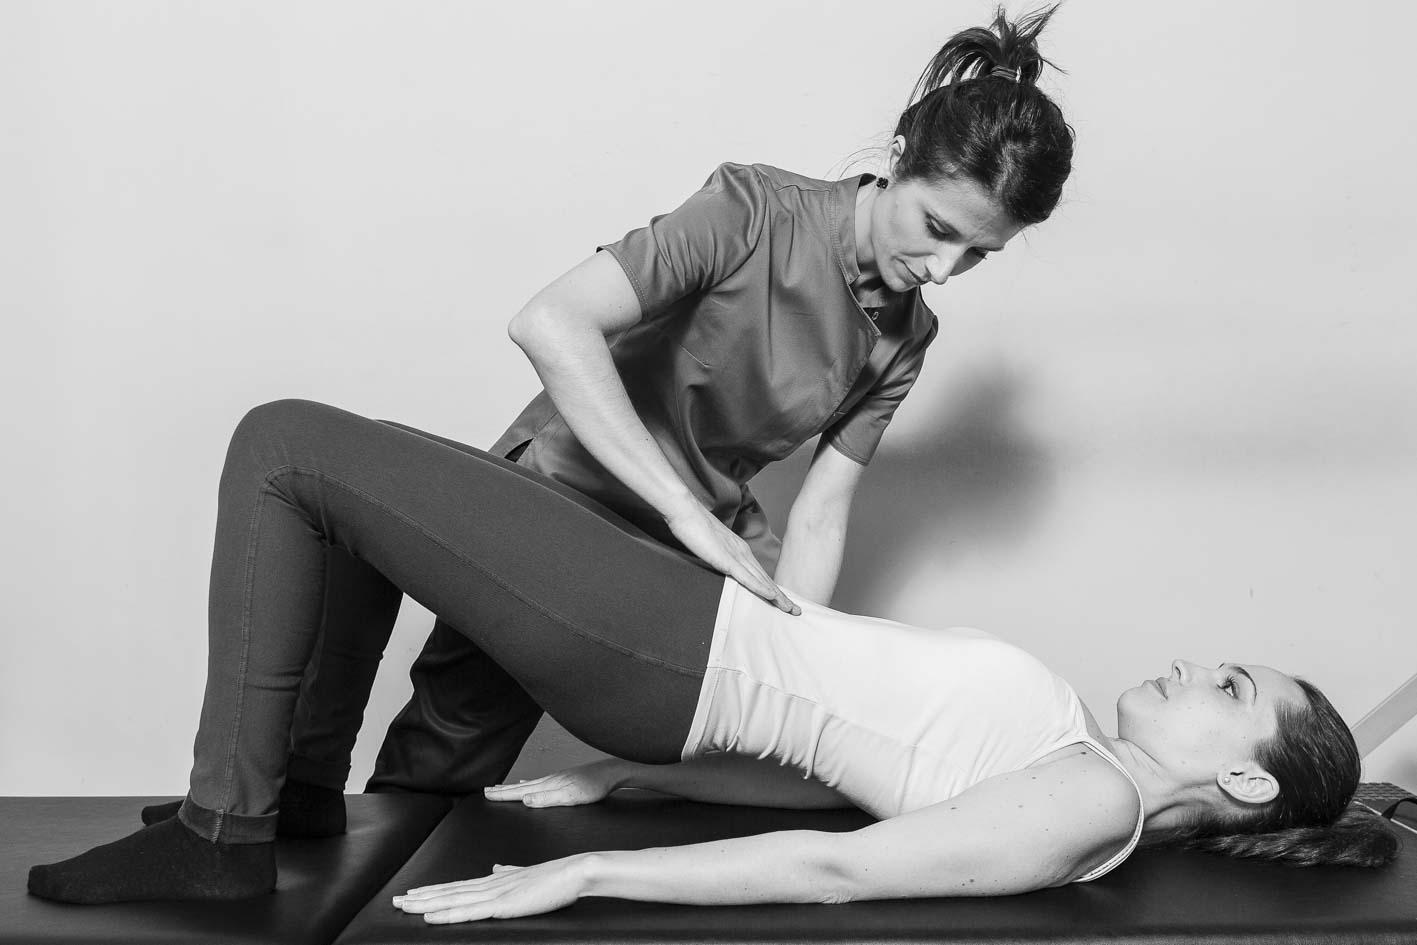 ejercicioterapeutico